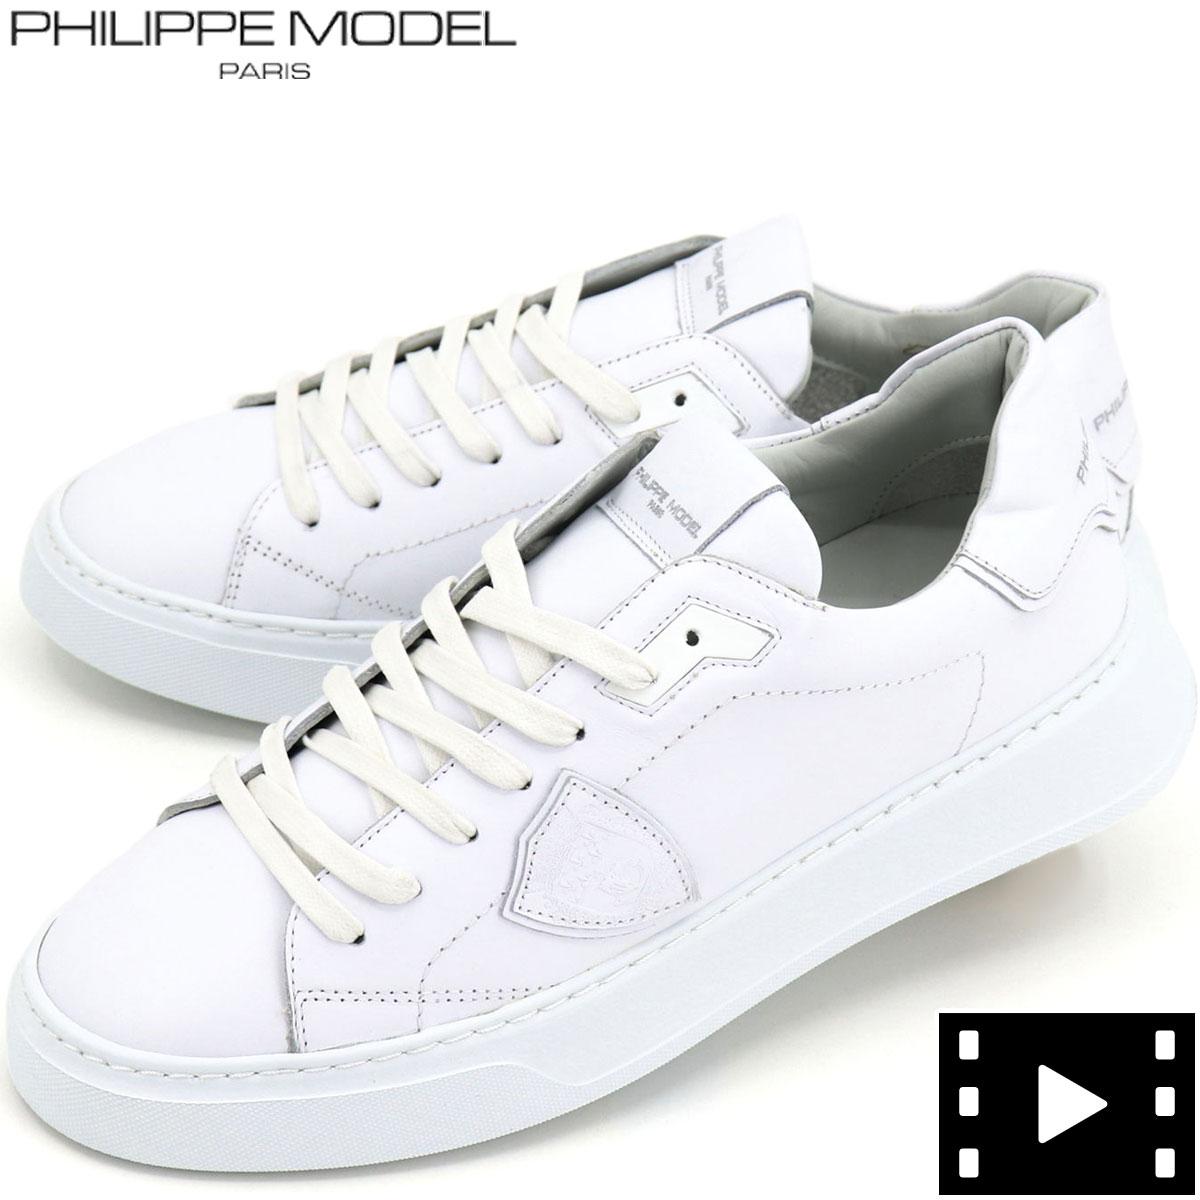 フィリップモデル PHILIPPE MODEL PARIS メンズ レザー ローカットスニーカー BTLU V001 TEMPLE VEAU 0215-TEMPVO 0001(ホワイト)秋冬新作